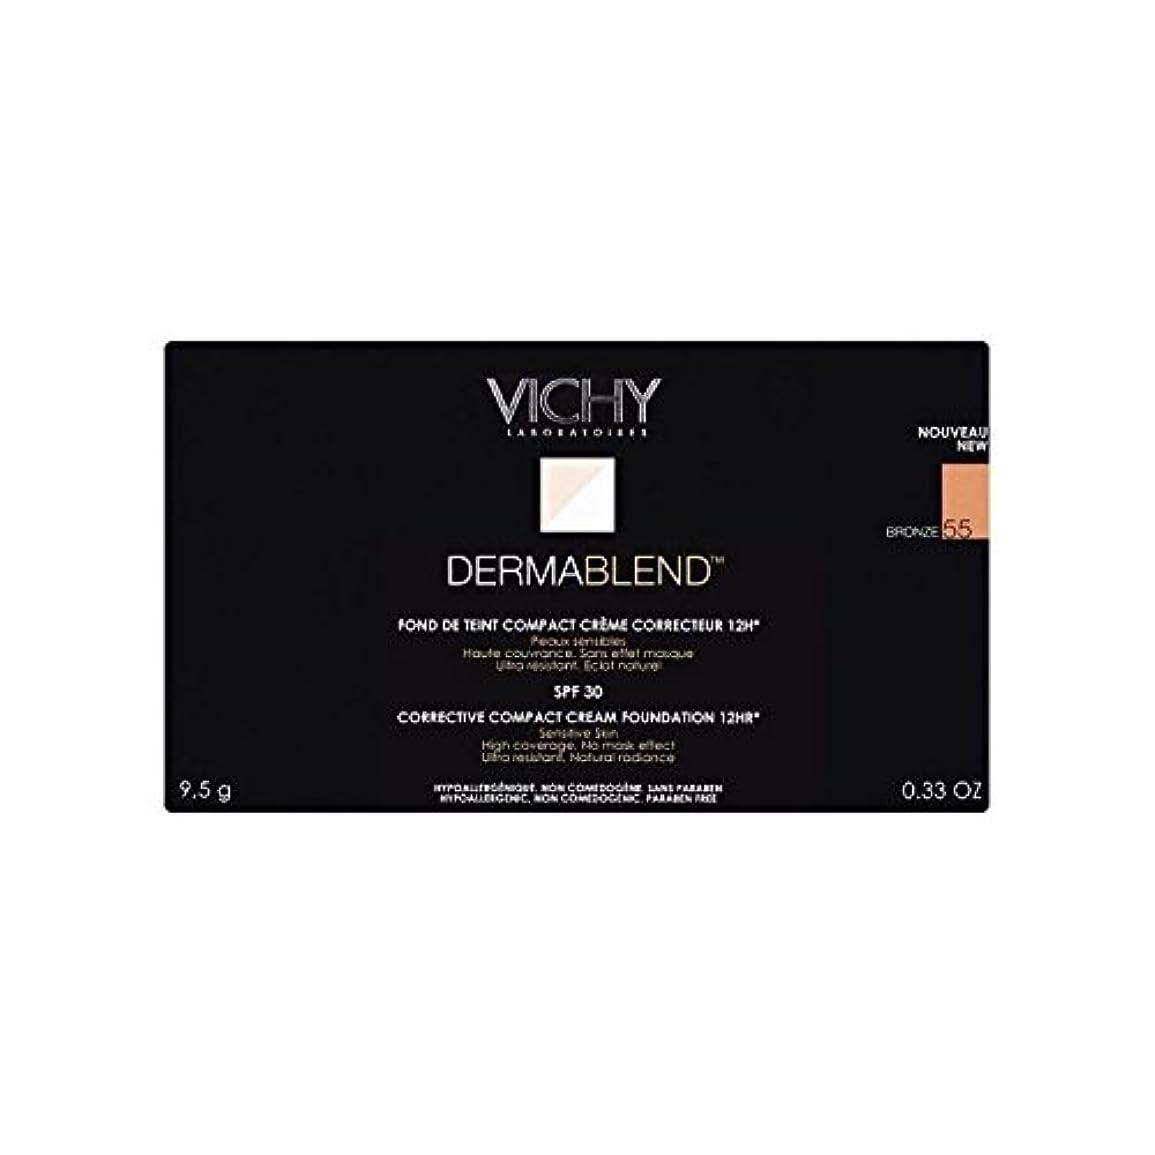 クラッシュ心配寛容Vichy Dermablend Corrective Compact Cream Foundation Bronze - ヴィシー是正コンパクトクリームファンデーションブロンズ [並行輸入品]